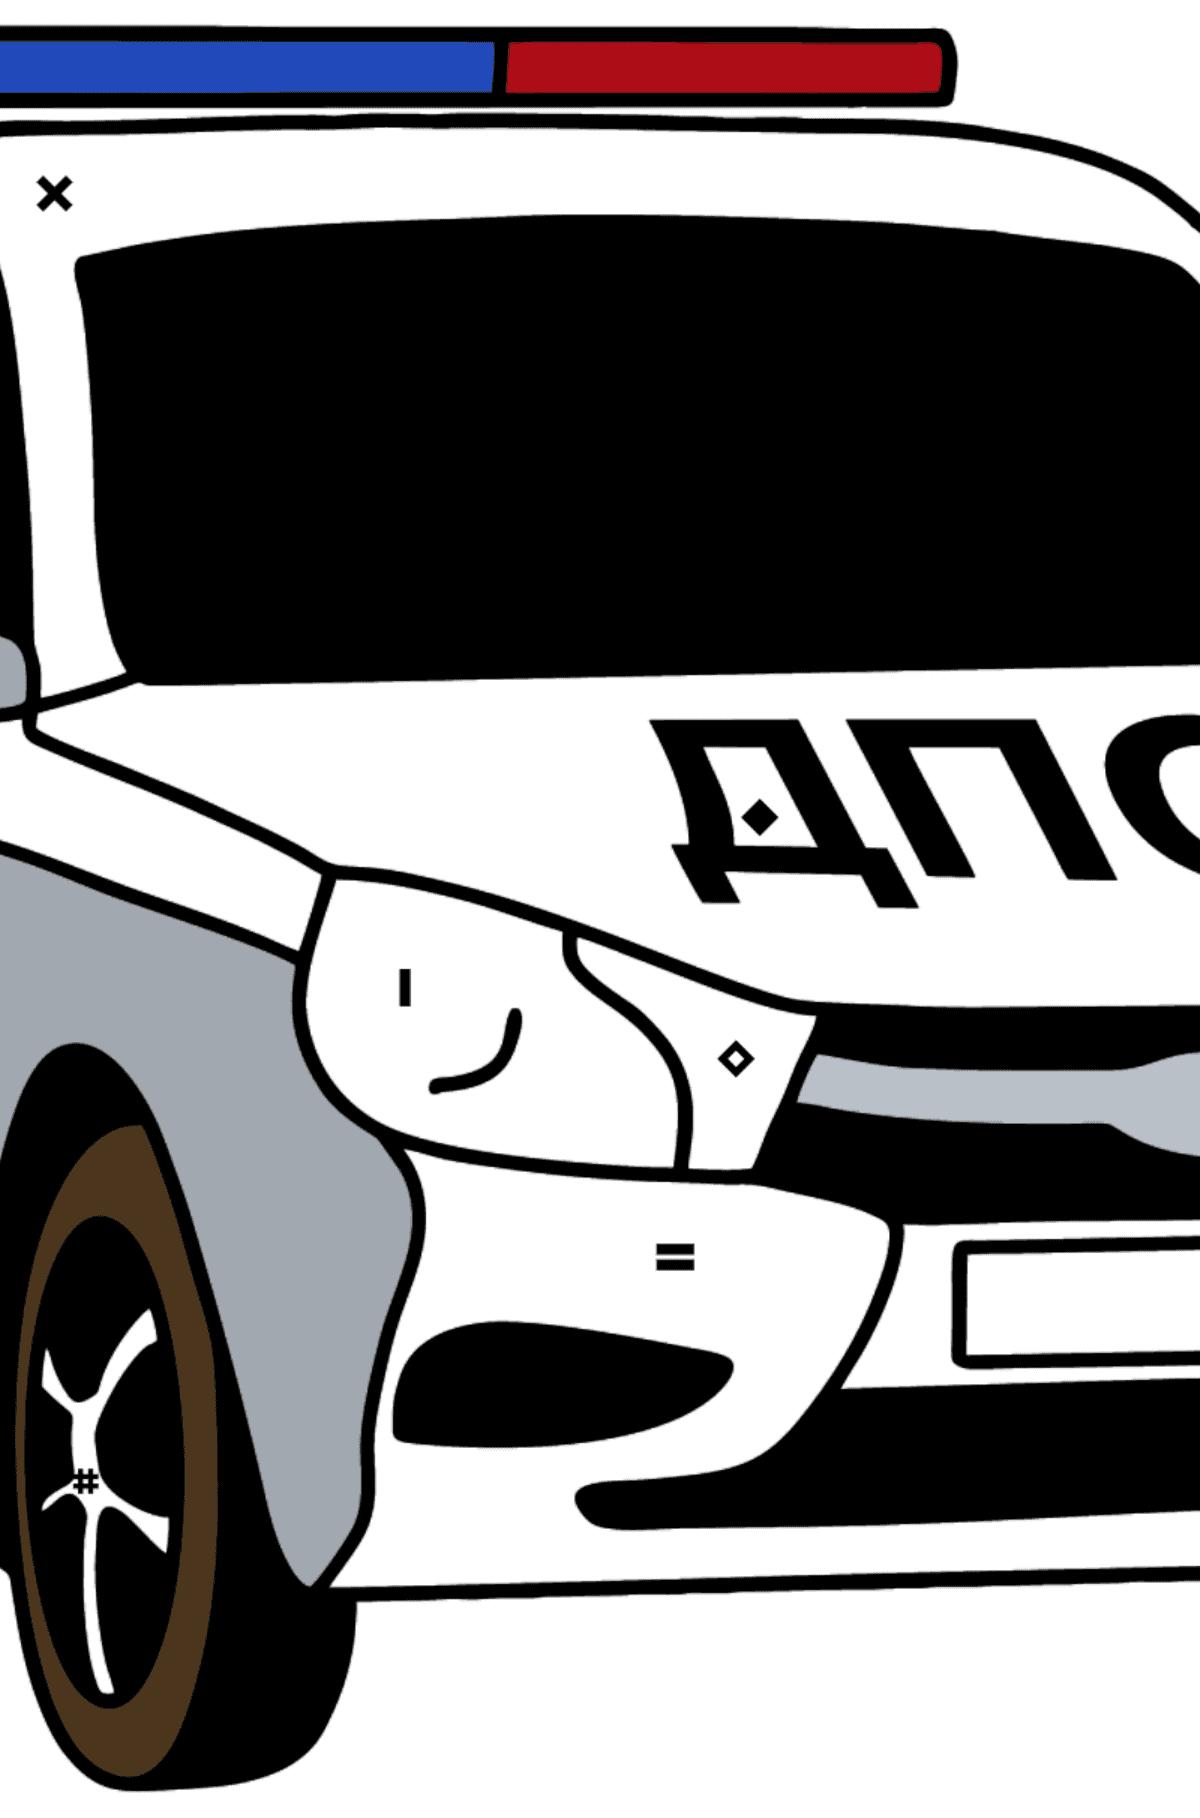 Раскраска Машина полиции в России - Раскраска по Символам для Детей